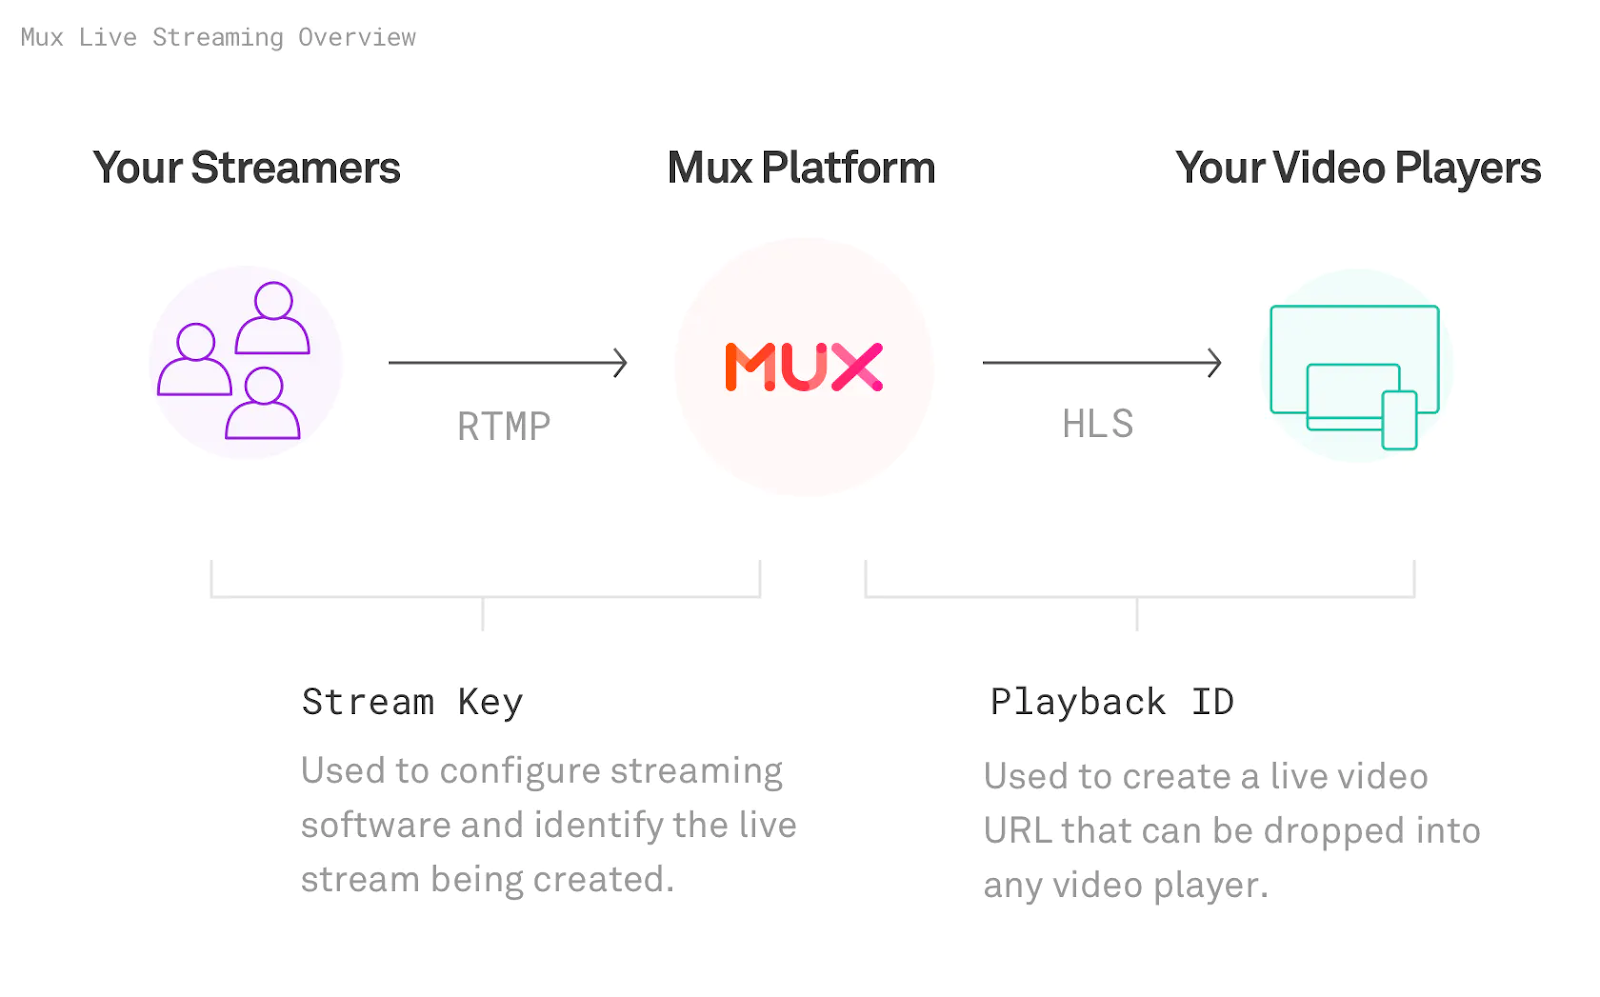 APIベースでライブストリーミング動画の制御が可能 画像: